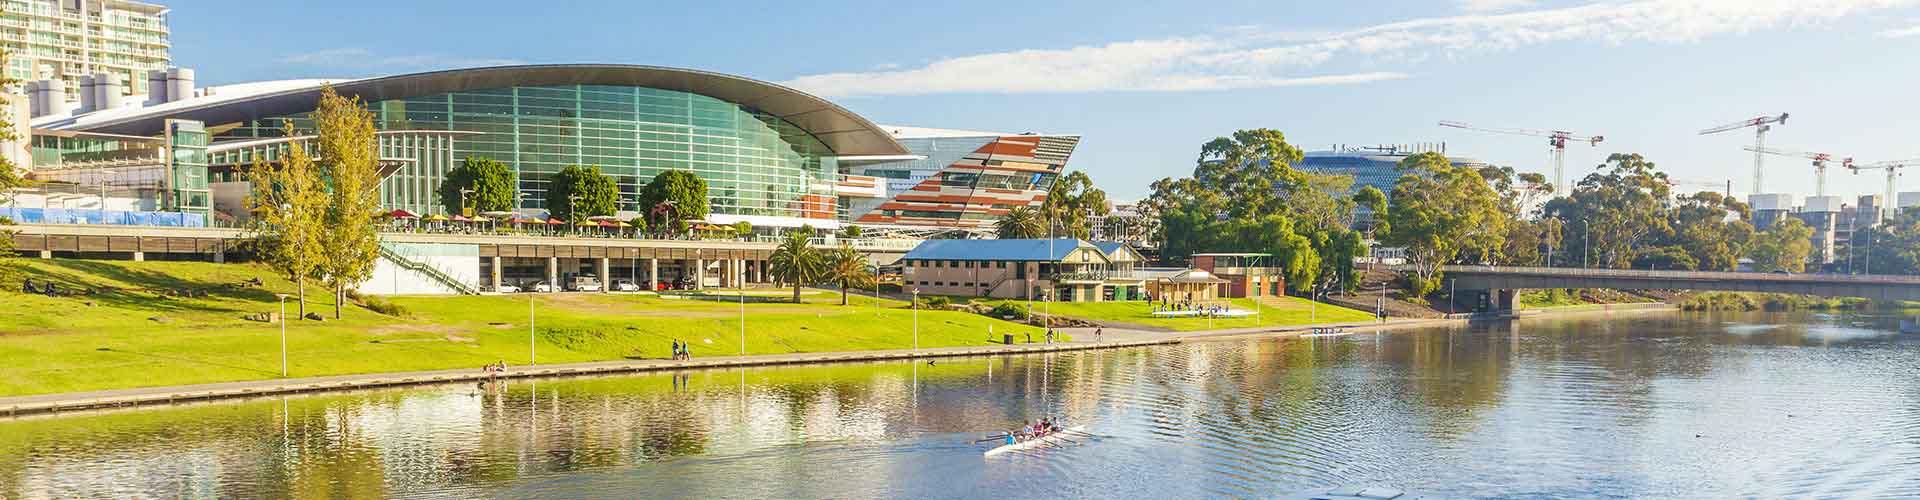 Adelaide - Hotéis no Cidade HVelhafast Bay bairro. Mapas para Adelaide, Fotos e Avaliações para cada Albergue em Adelaide.